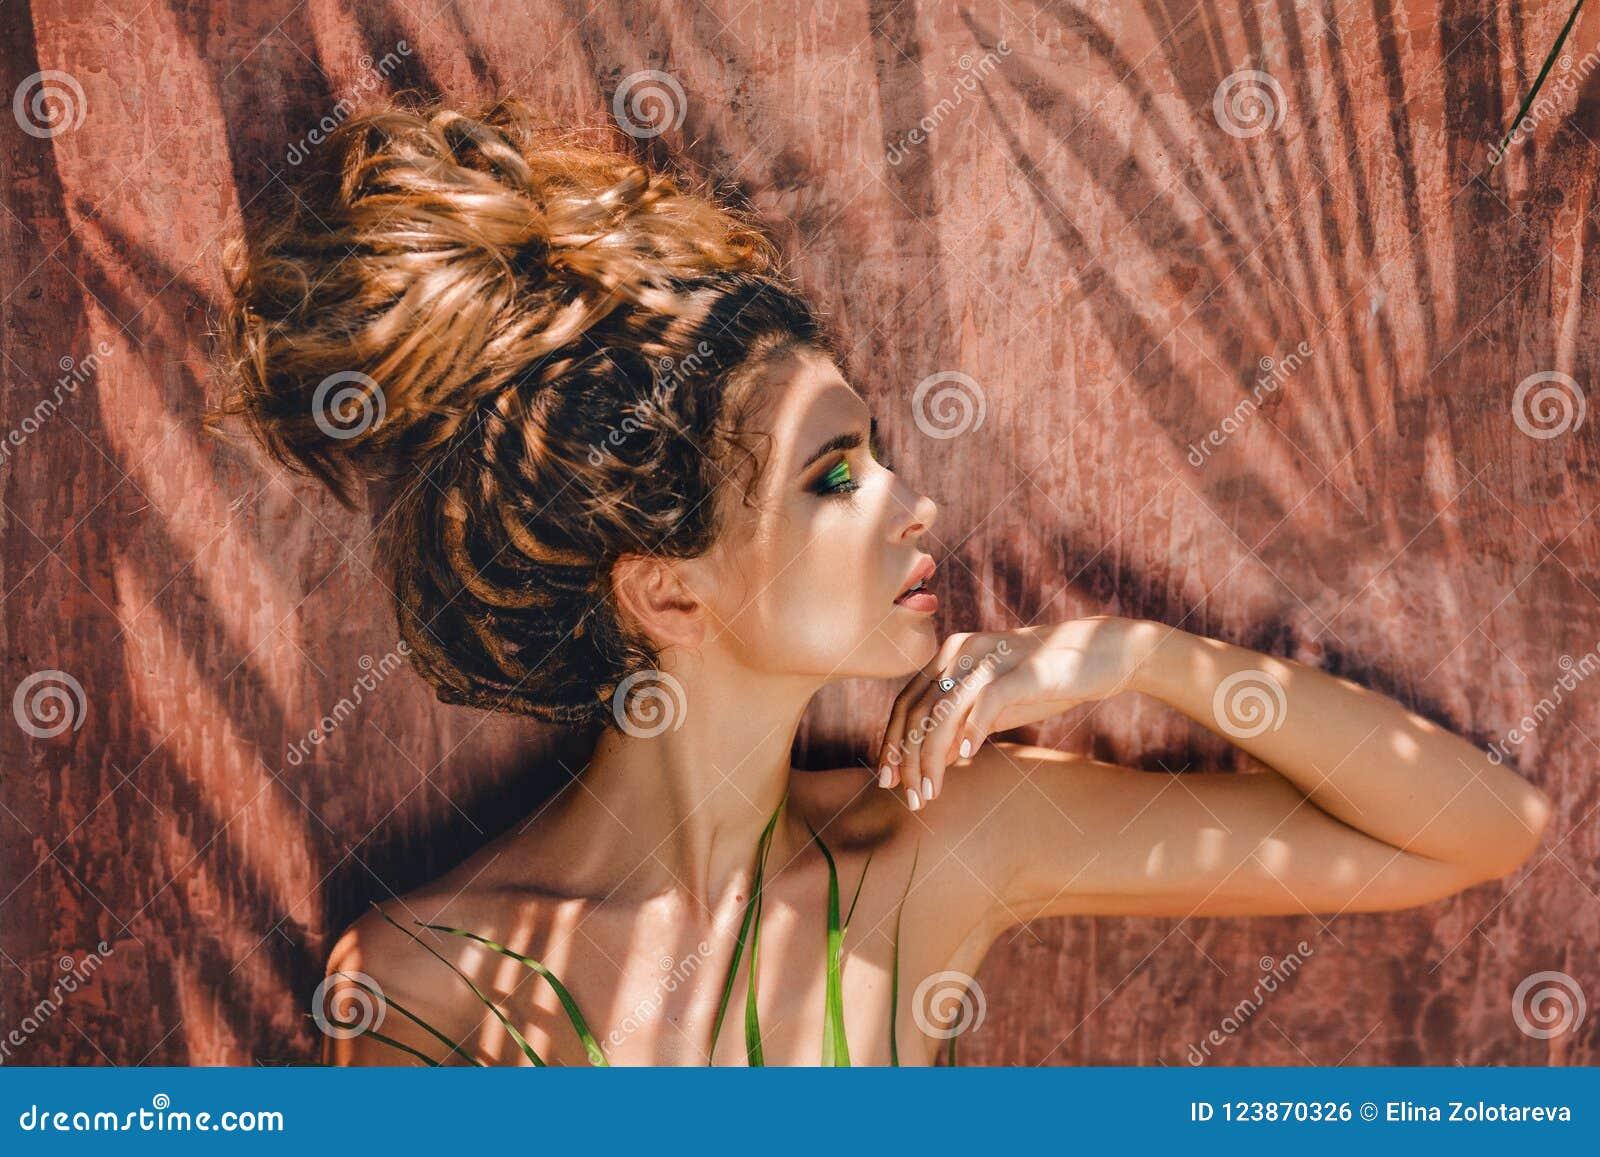 Νέα όμορφη γυναίκα με τις σκιές στο πρόσωπο με τις προσοχές ιδιαίτερες